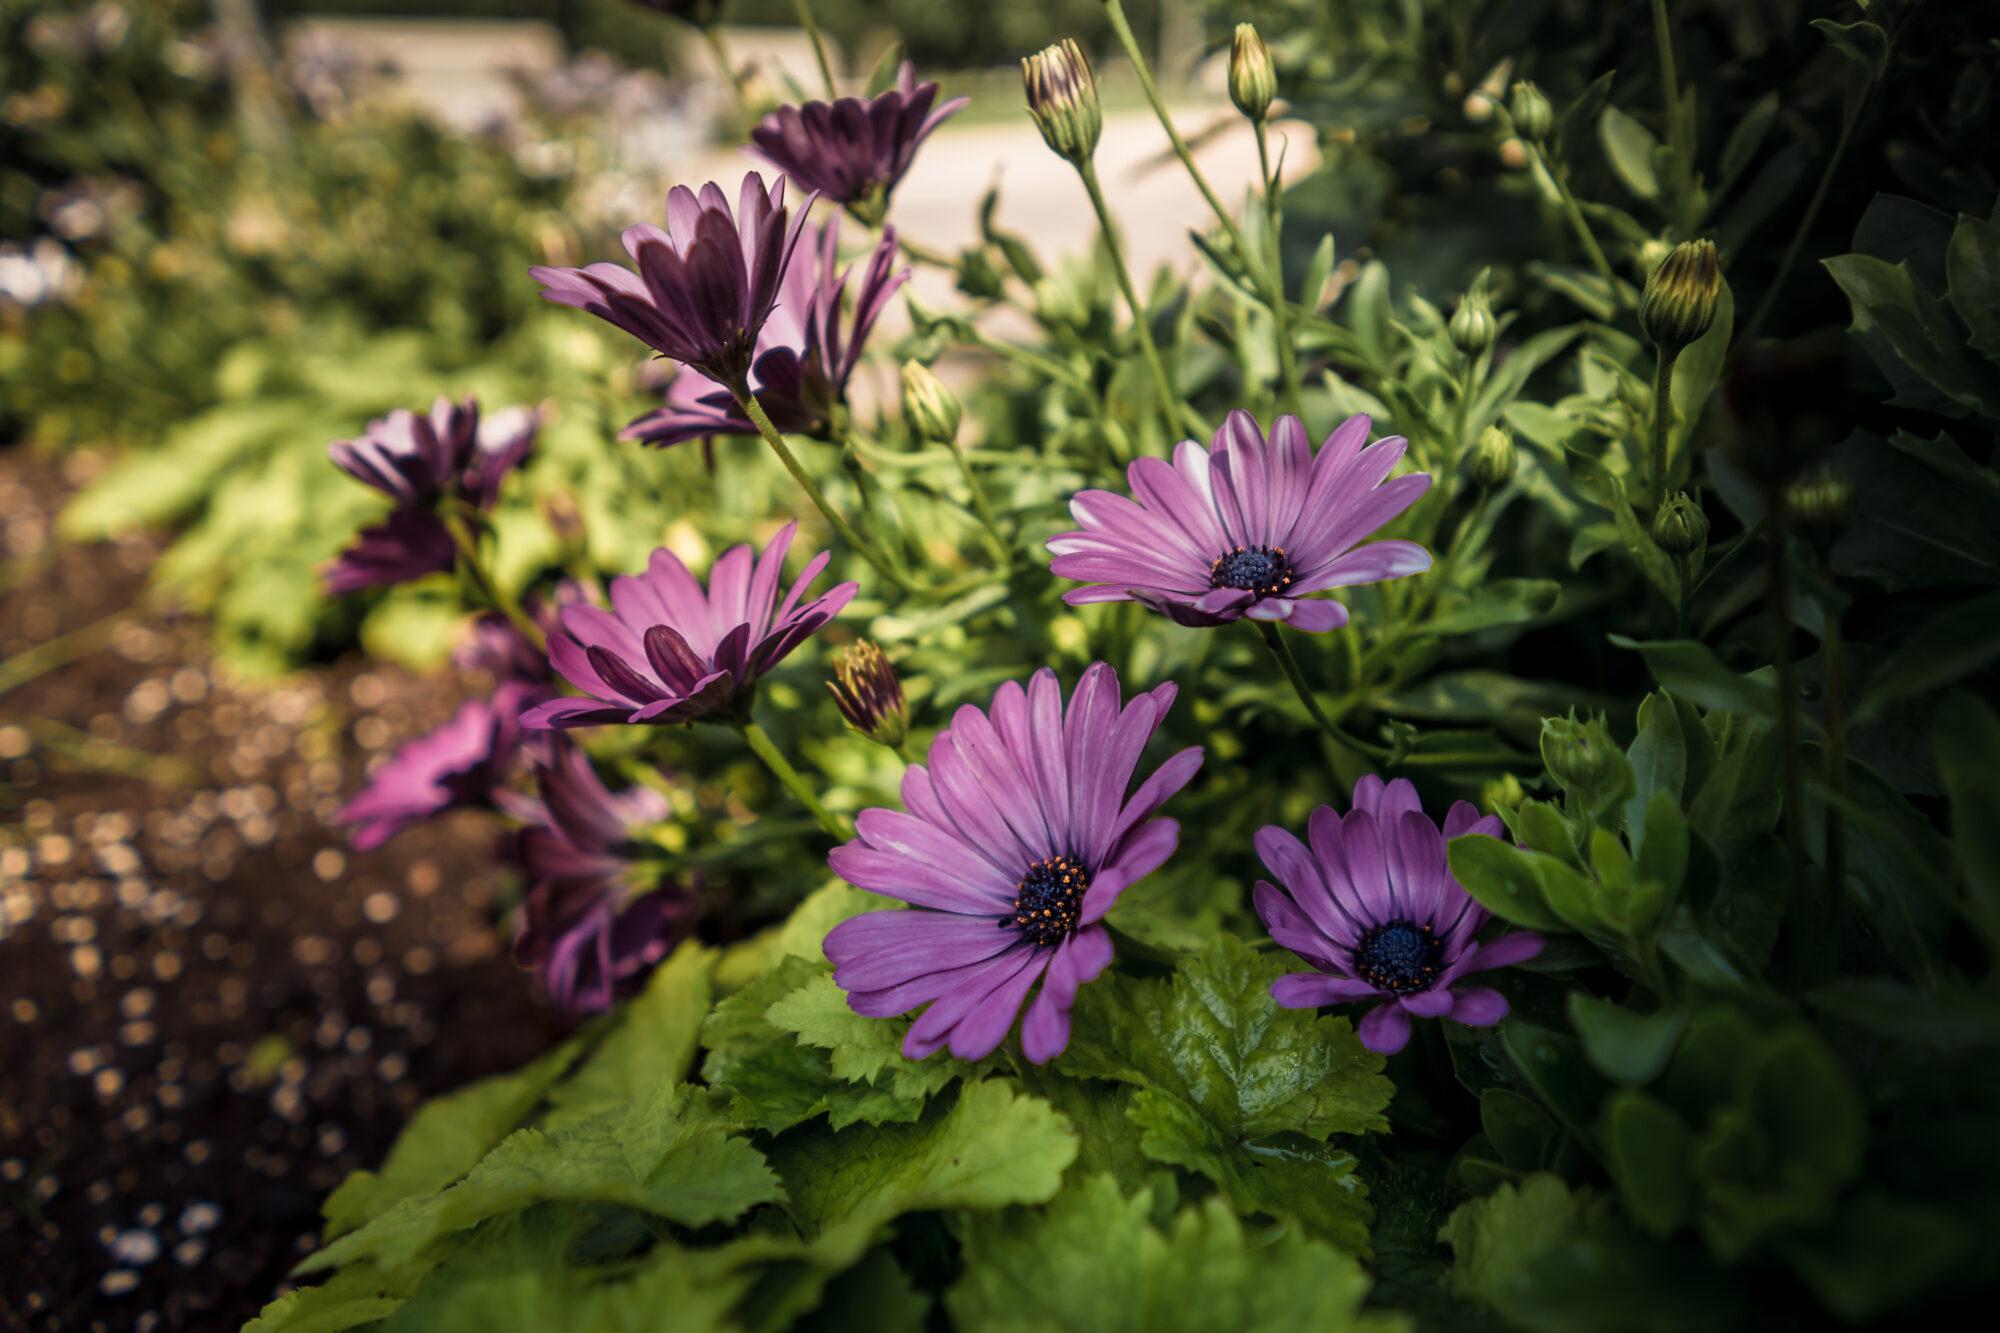 Aicina novērtēt sakoptākos Liepājas namus un skaistākos dārzus